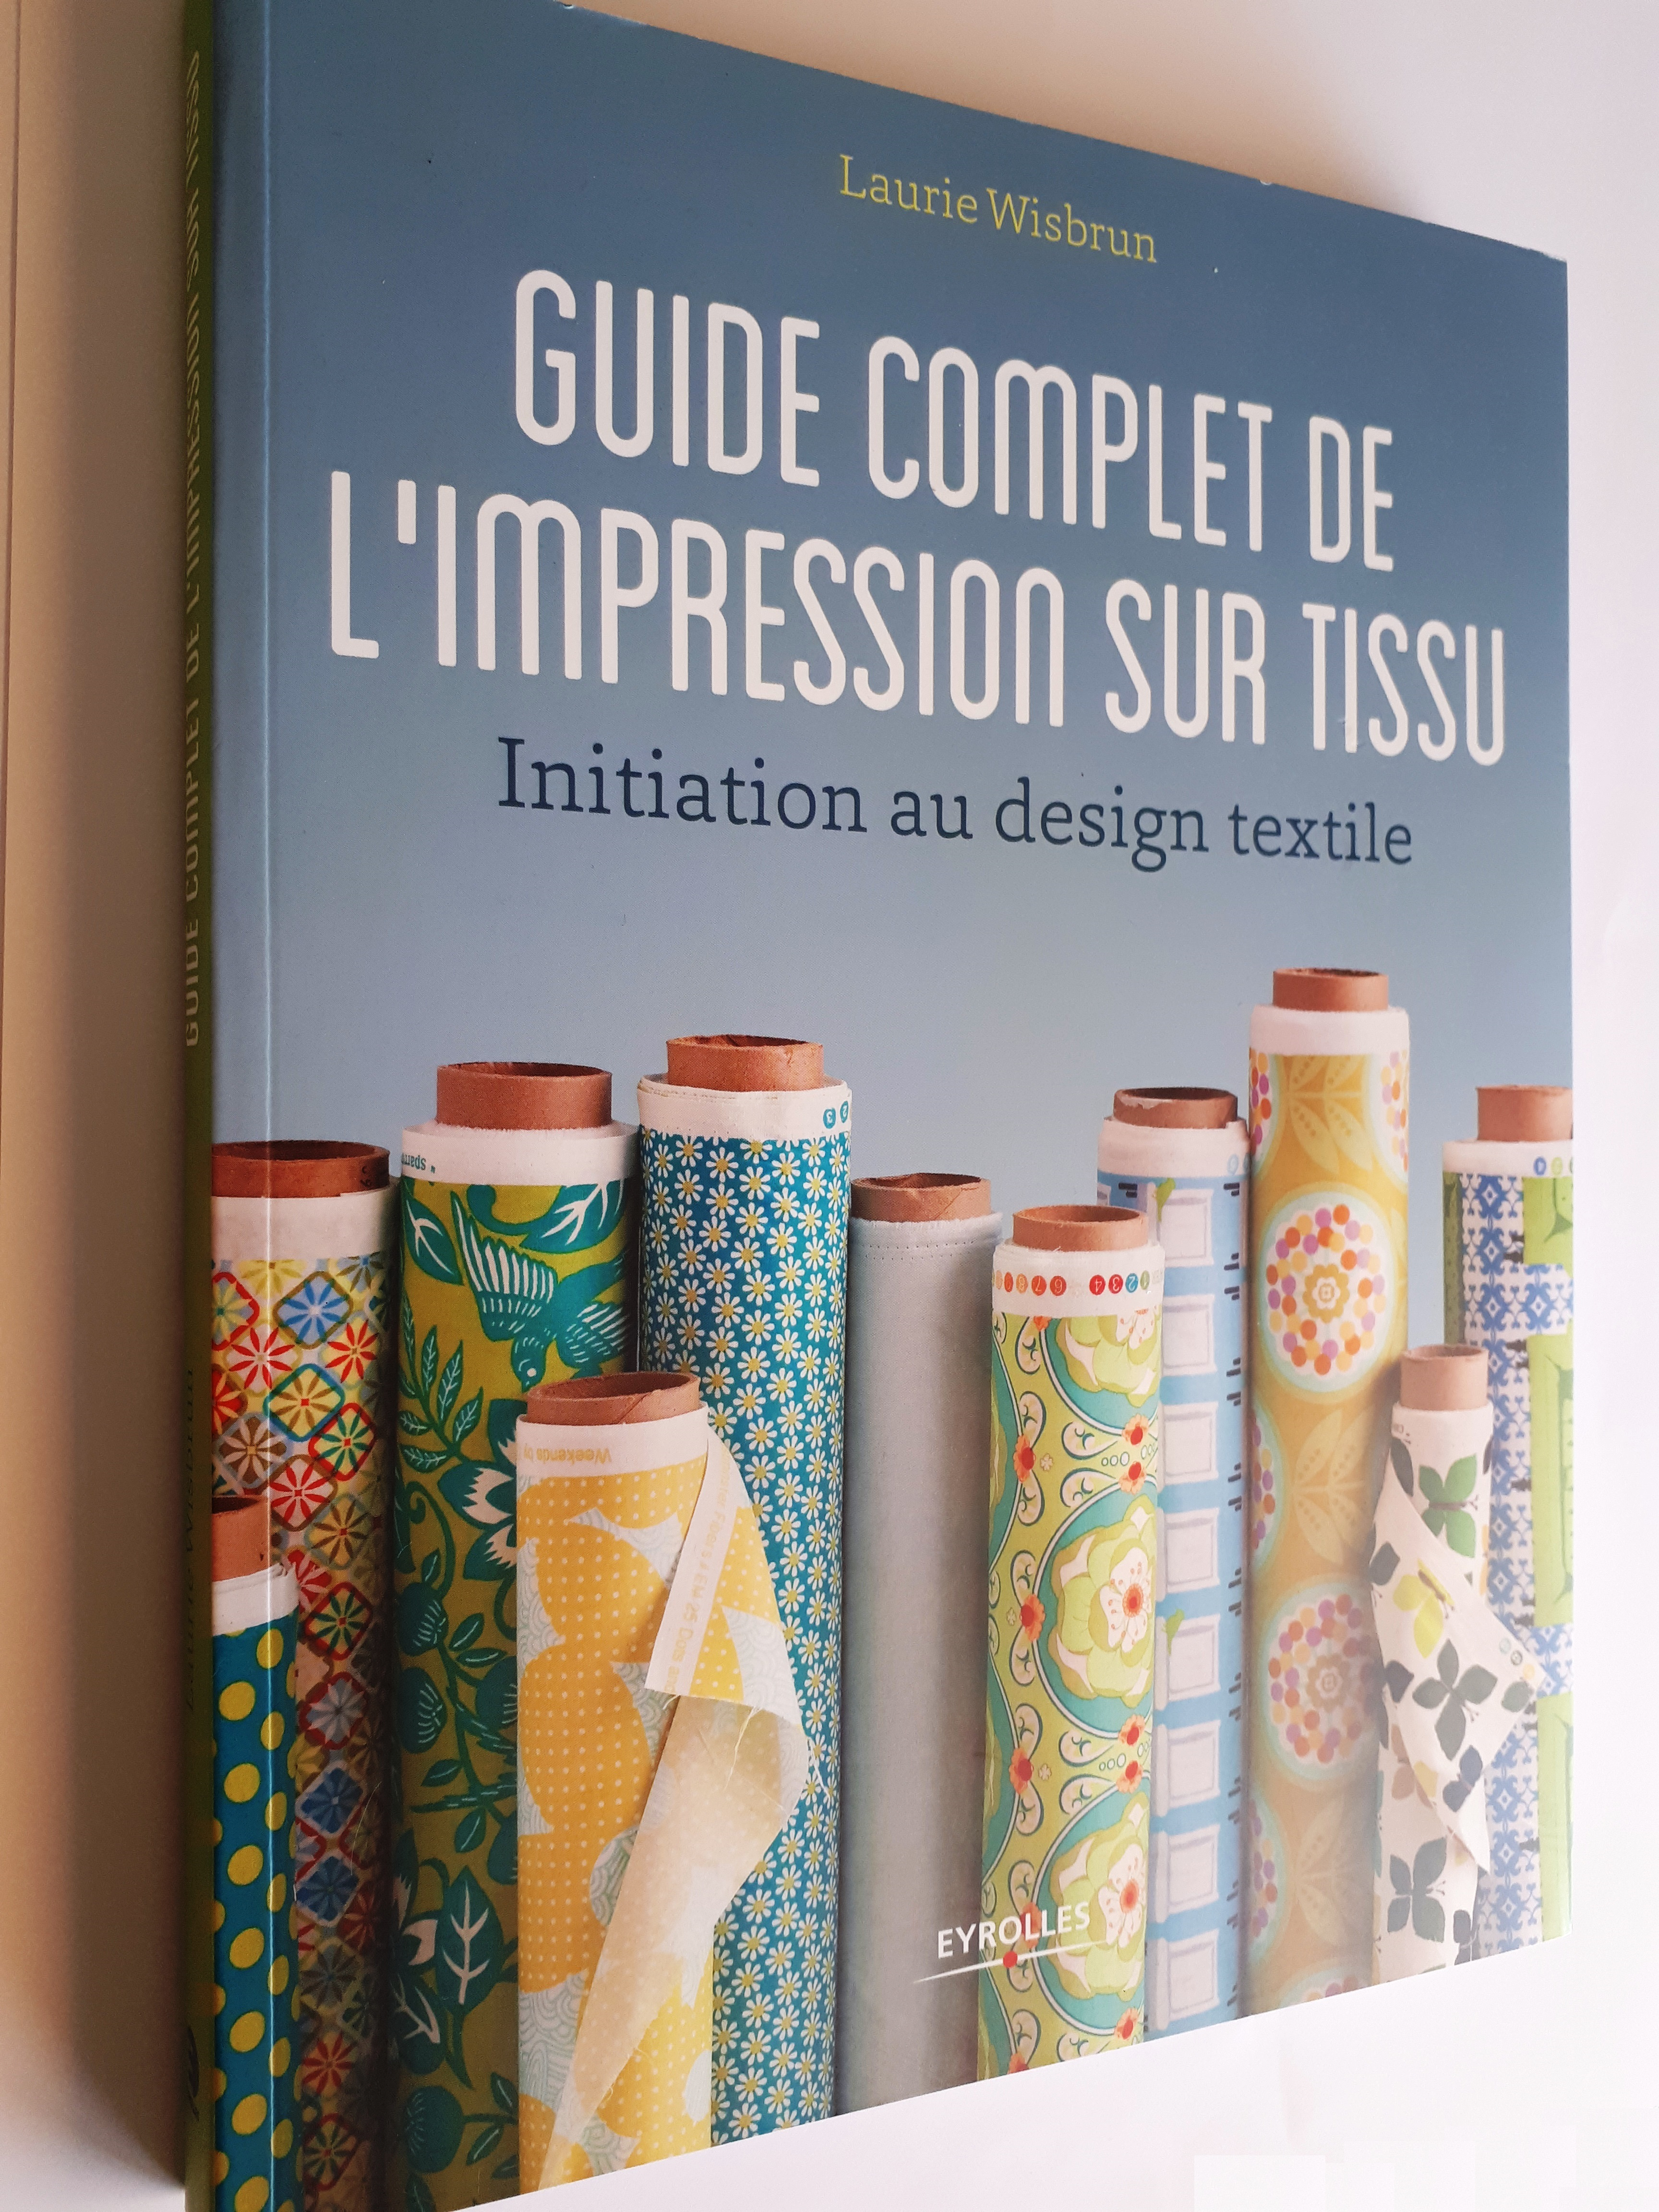 Guide complet de l'impression sur tissu : un très bon livre pour tous ceux qui veulent créer leurs propres motifs textiles et se lancer dans l'impression sur tissu !